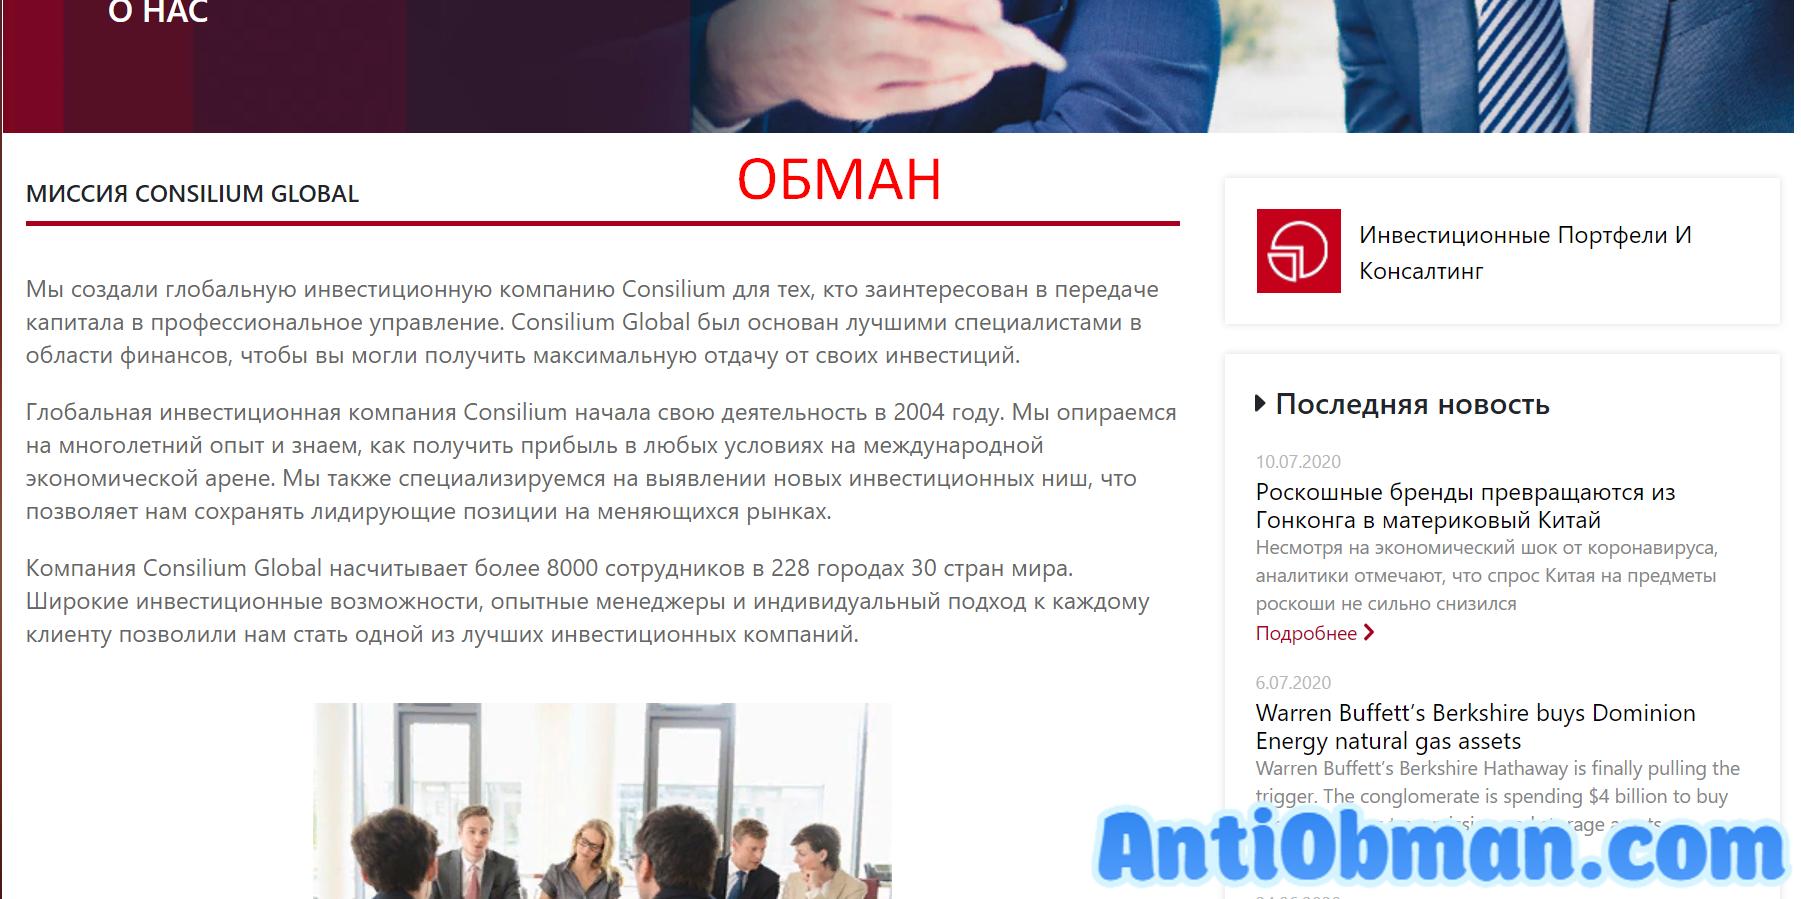 Consilium Global - отзывы и комментарии вкладчиков. Проверка брокера